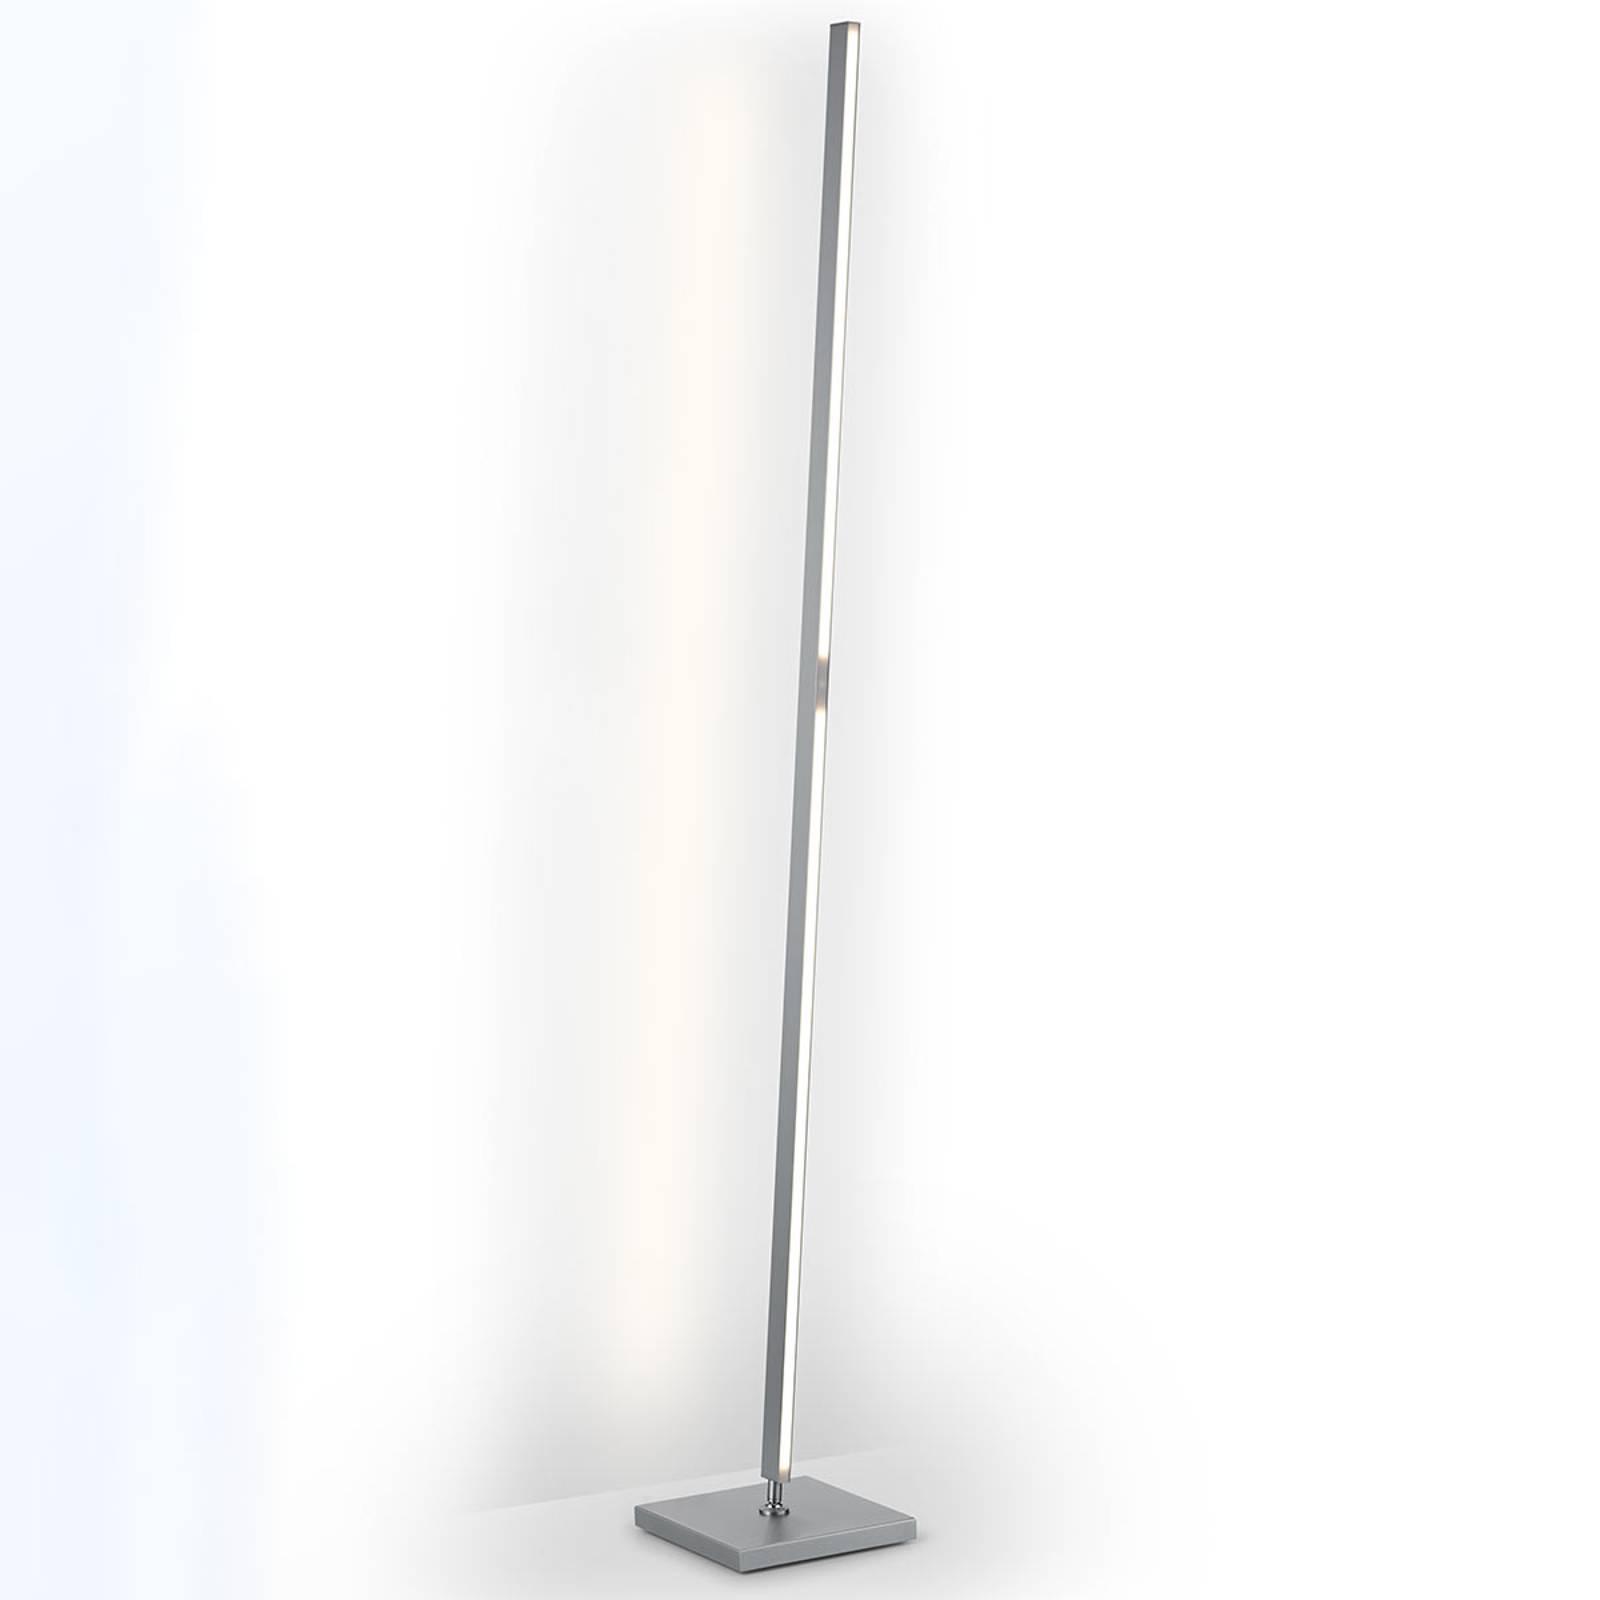 Lampadaire LED Meli rectiligne, commande gestuelle